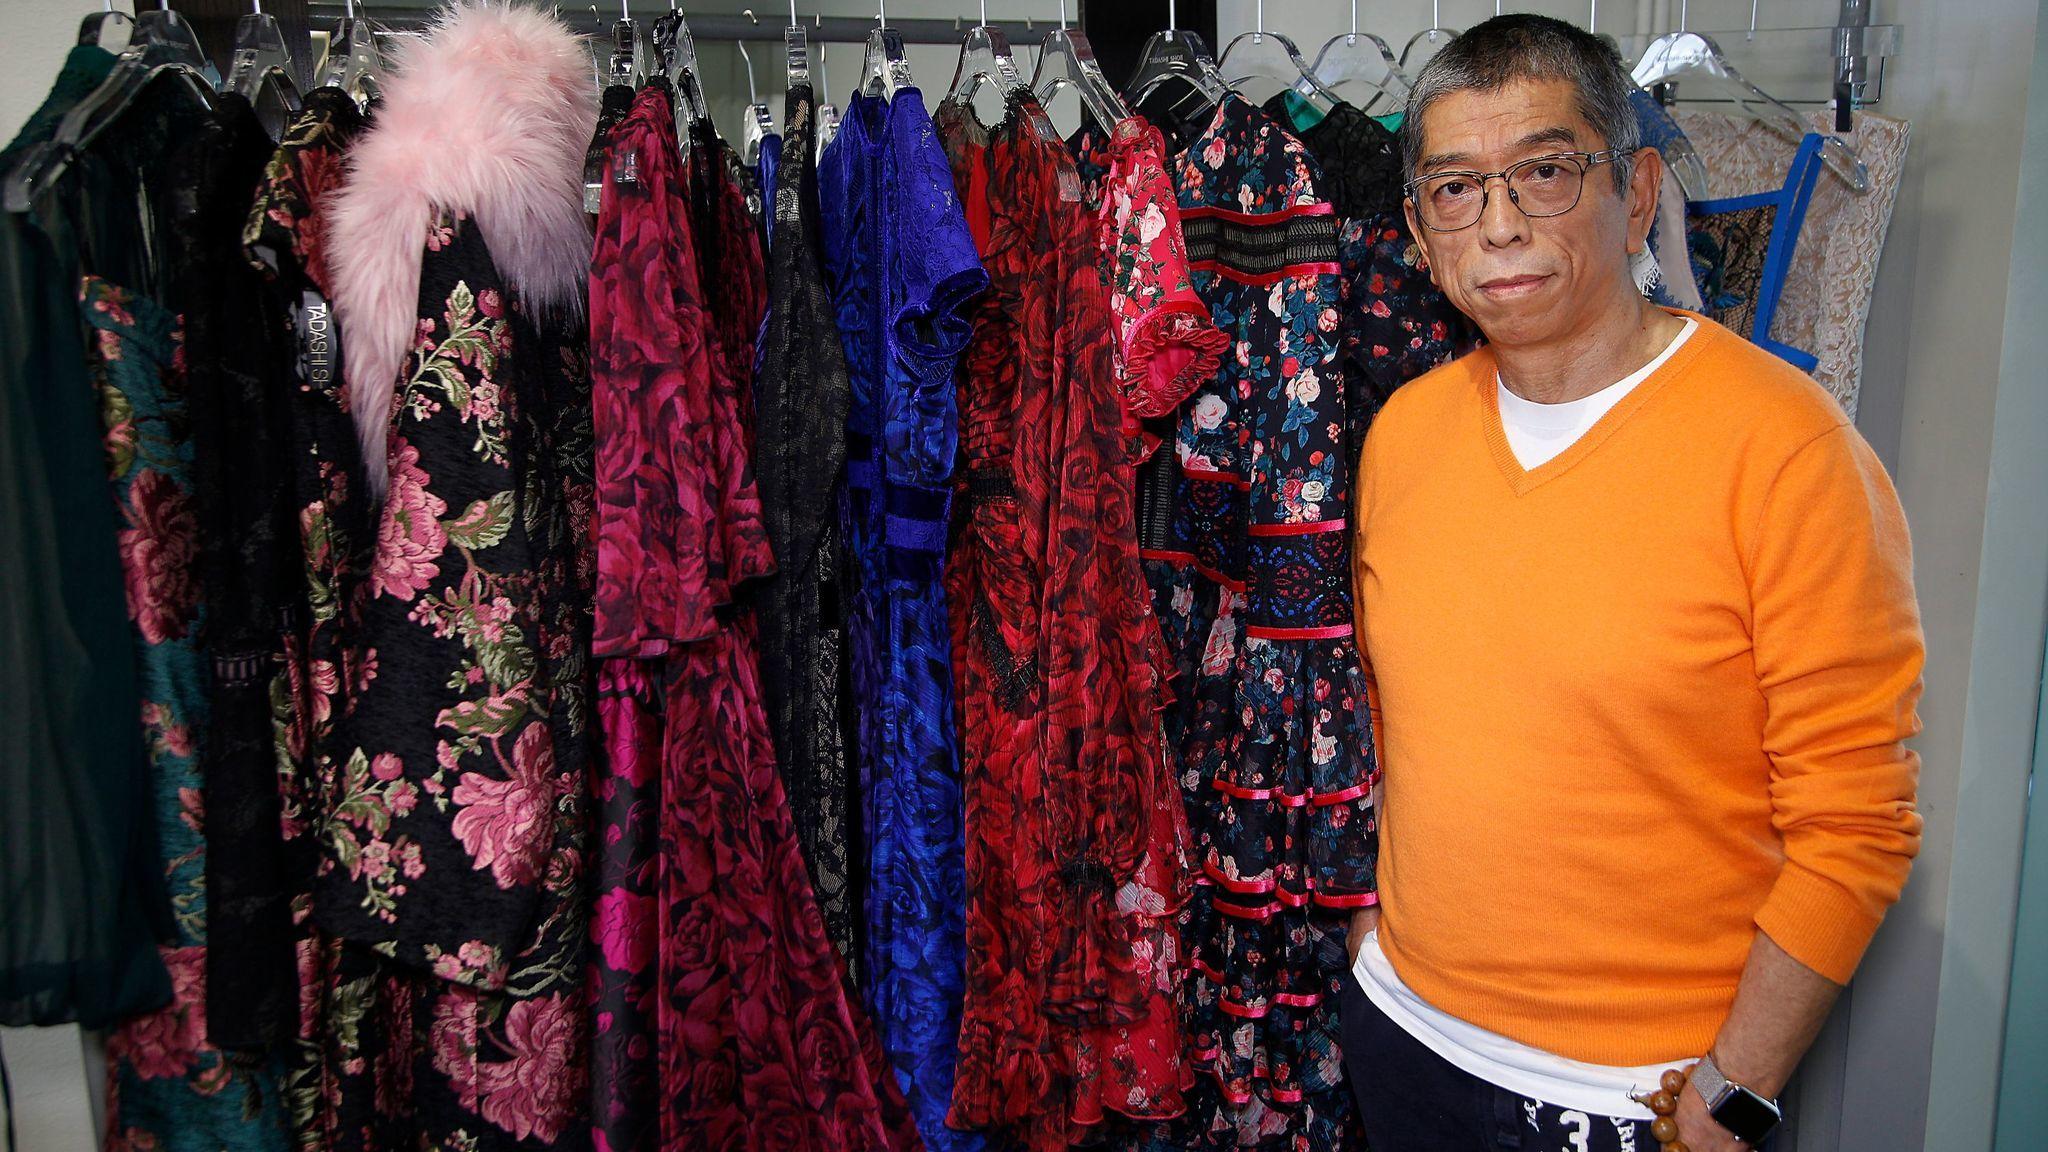 Tadashi Shoji continues to expand his fashion brand.